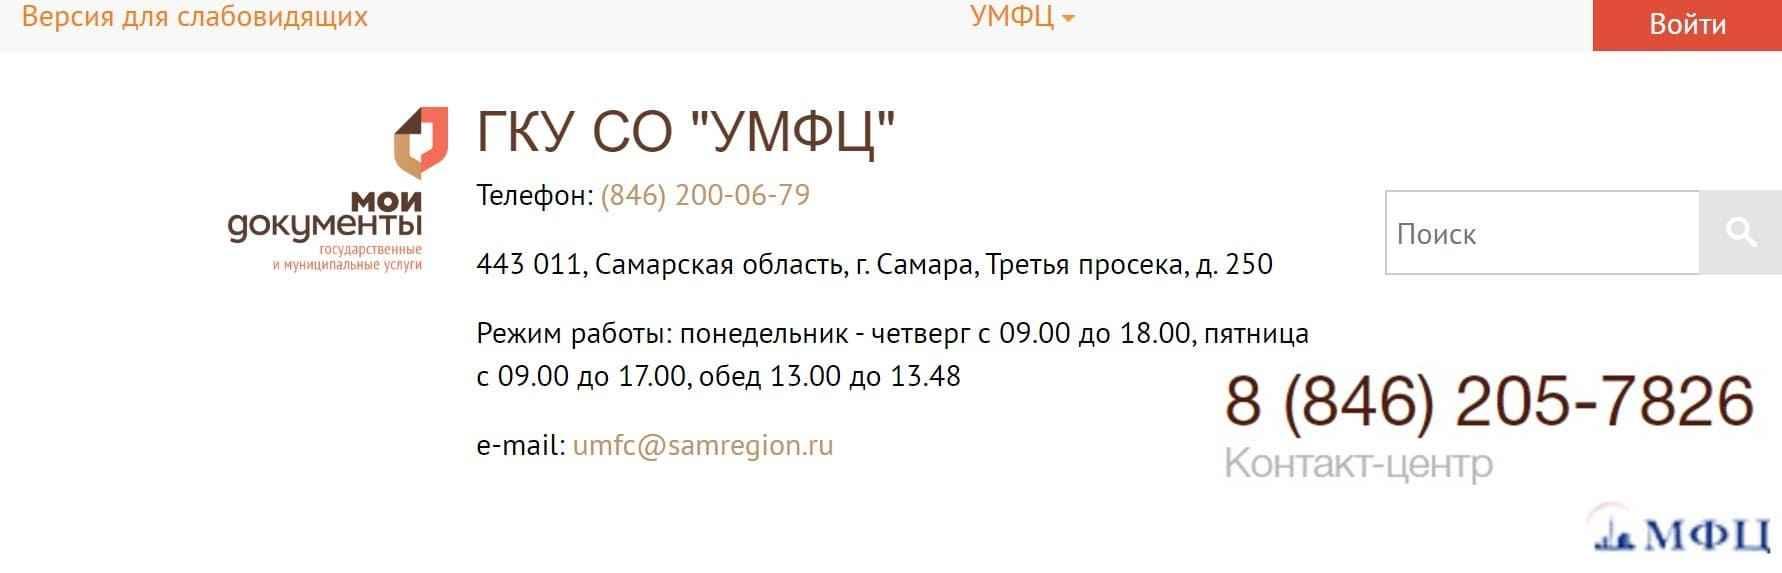 МФЦ Самара запись на прием